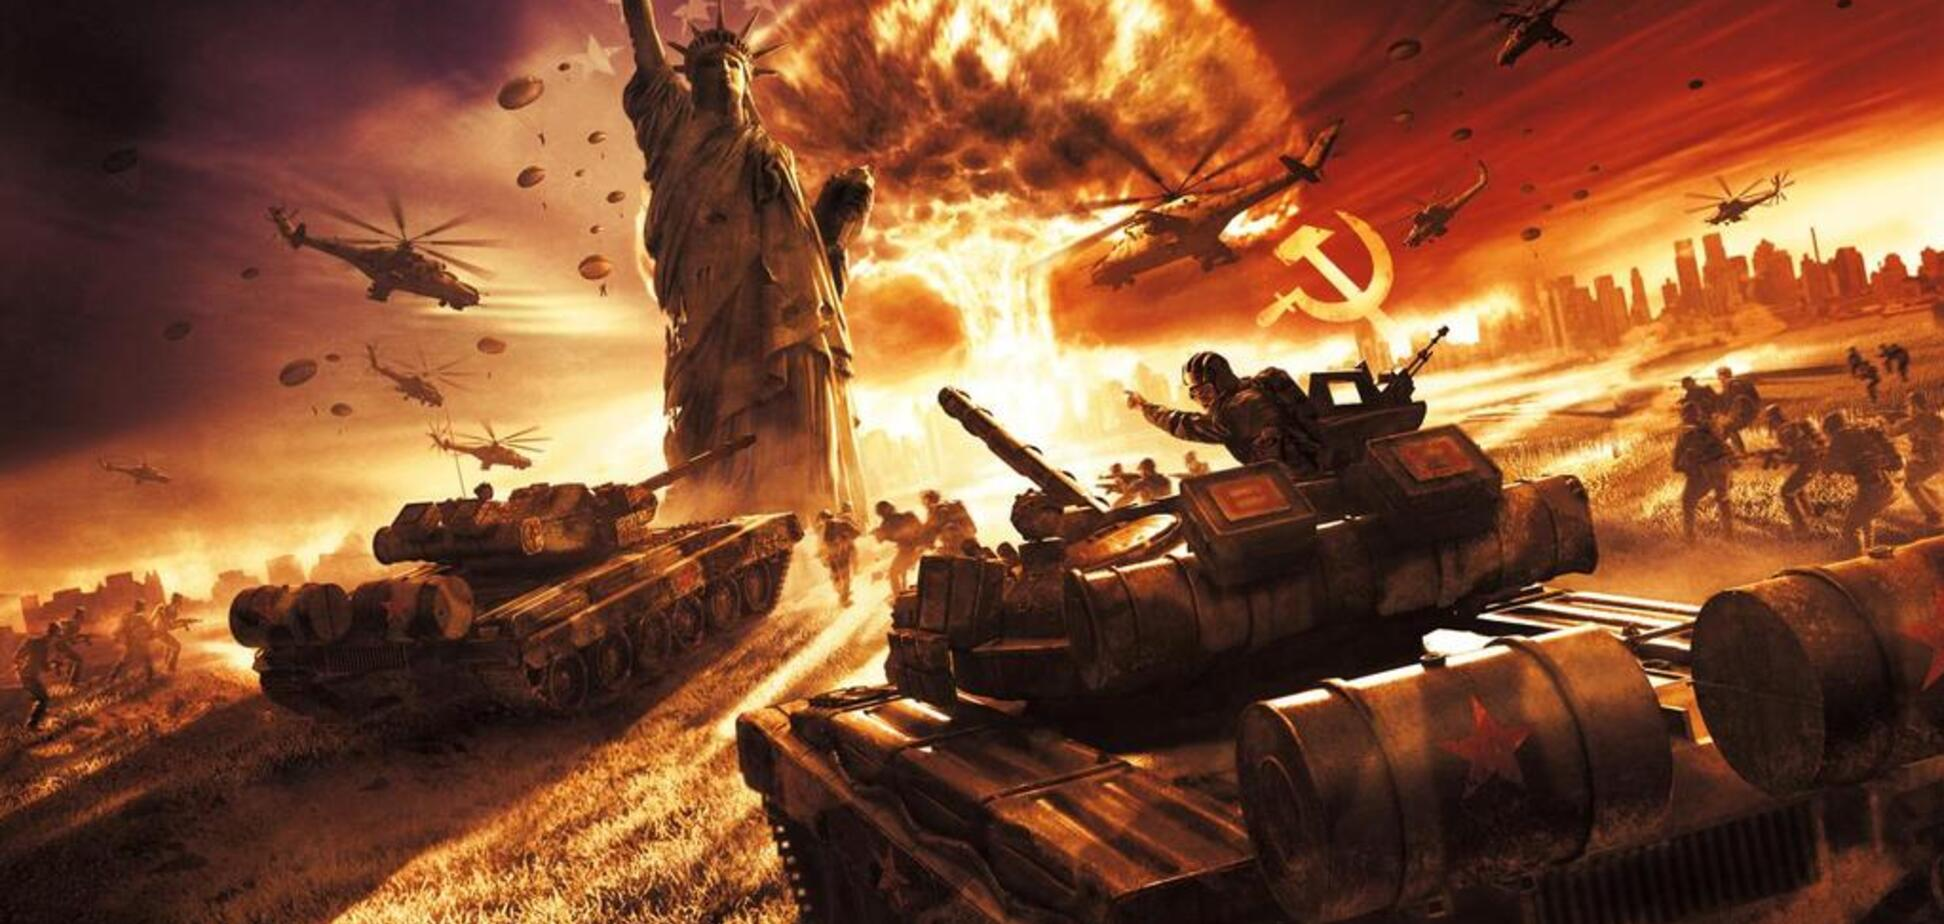 Уже в 2019 році: розшифровано пророцтво Нострадамуса про Третю світову